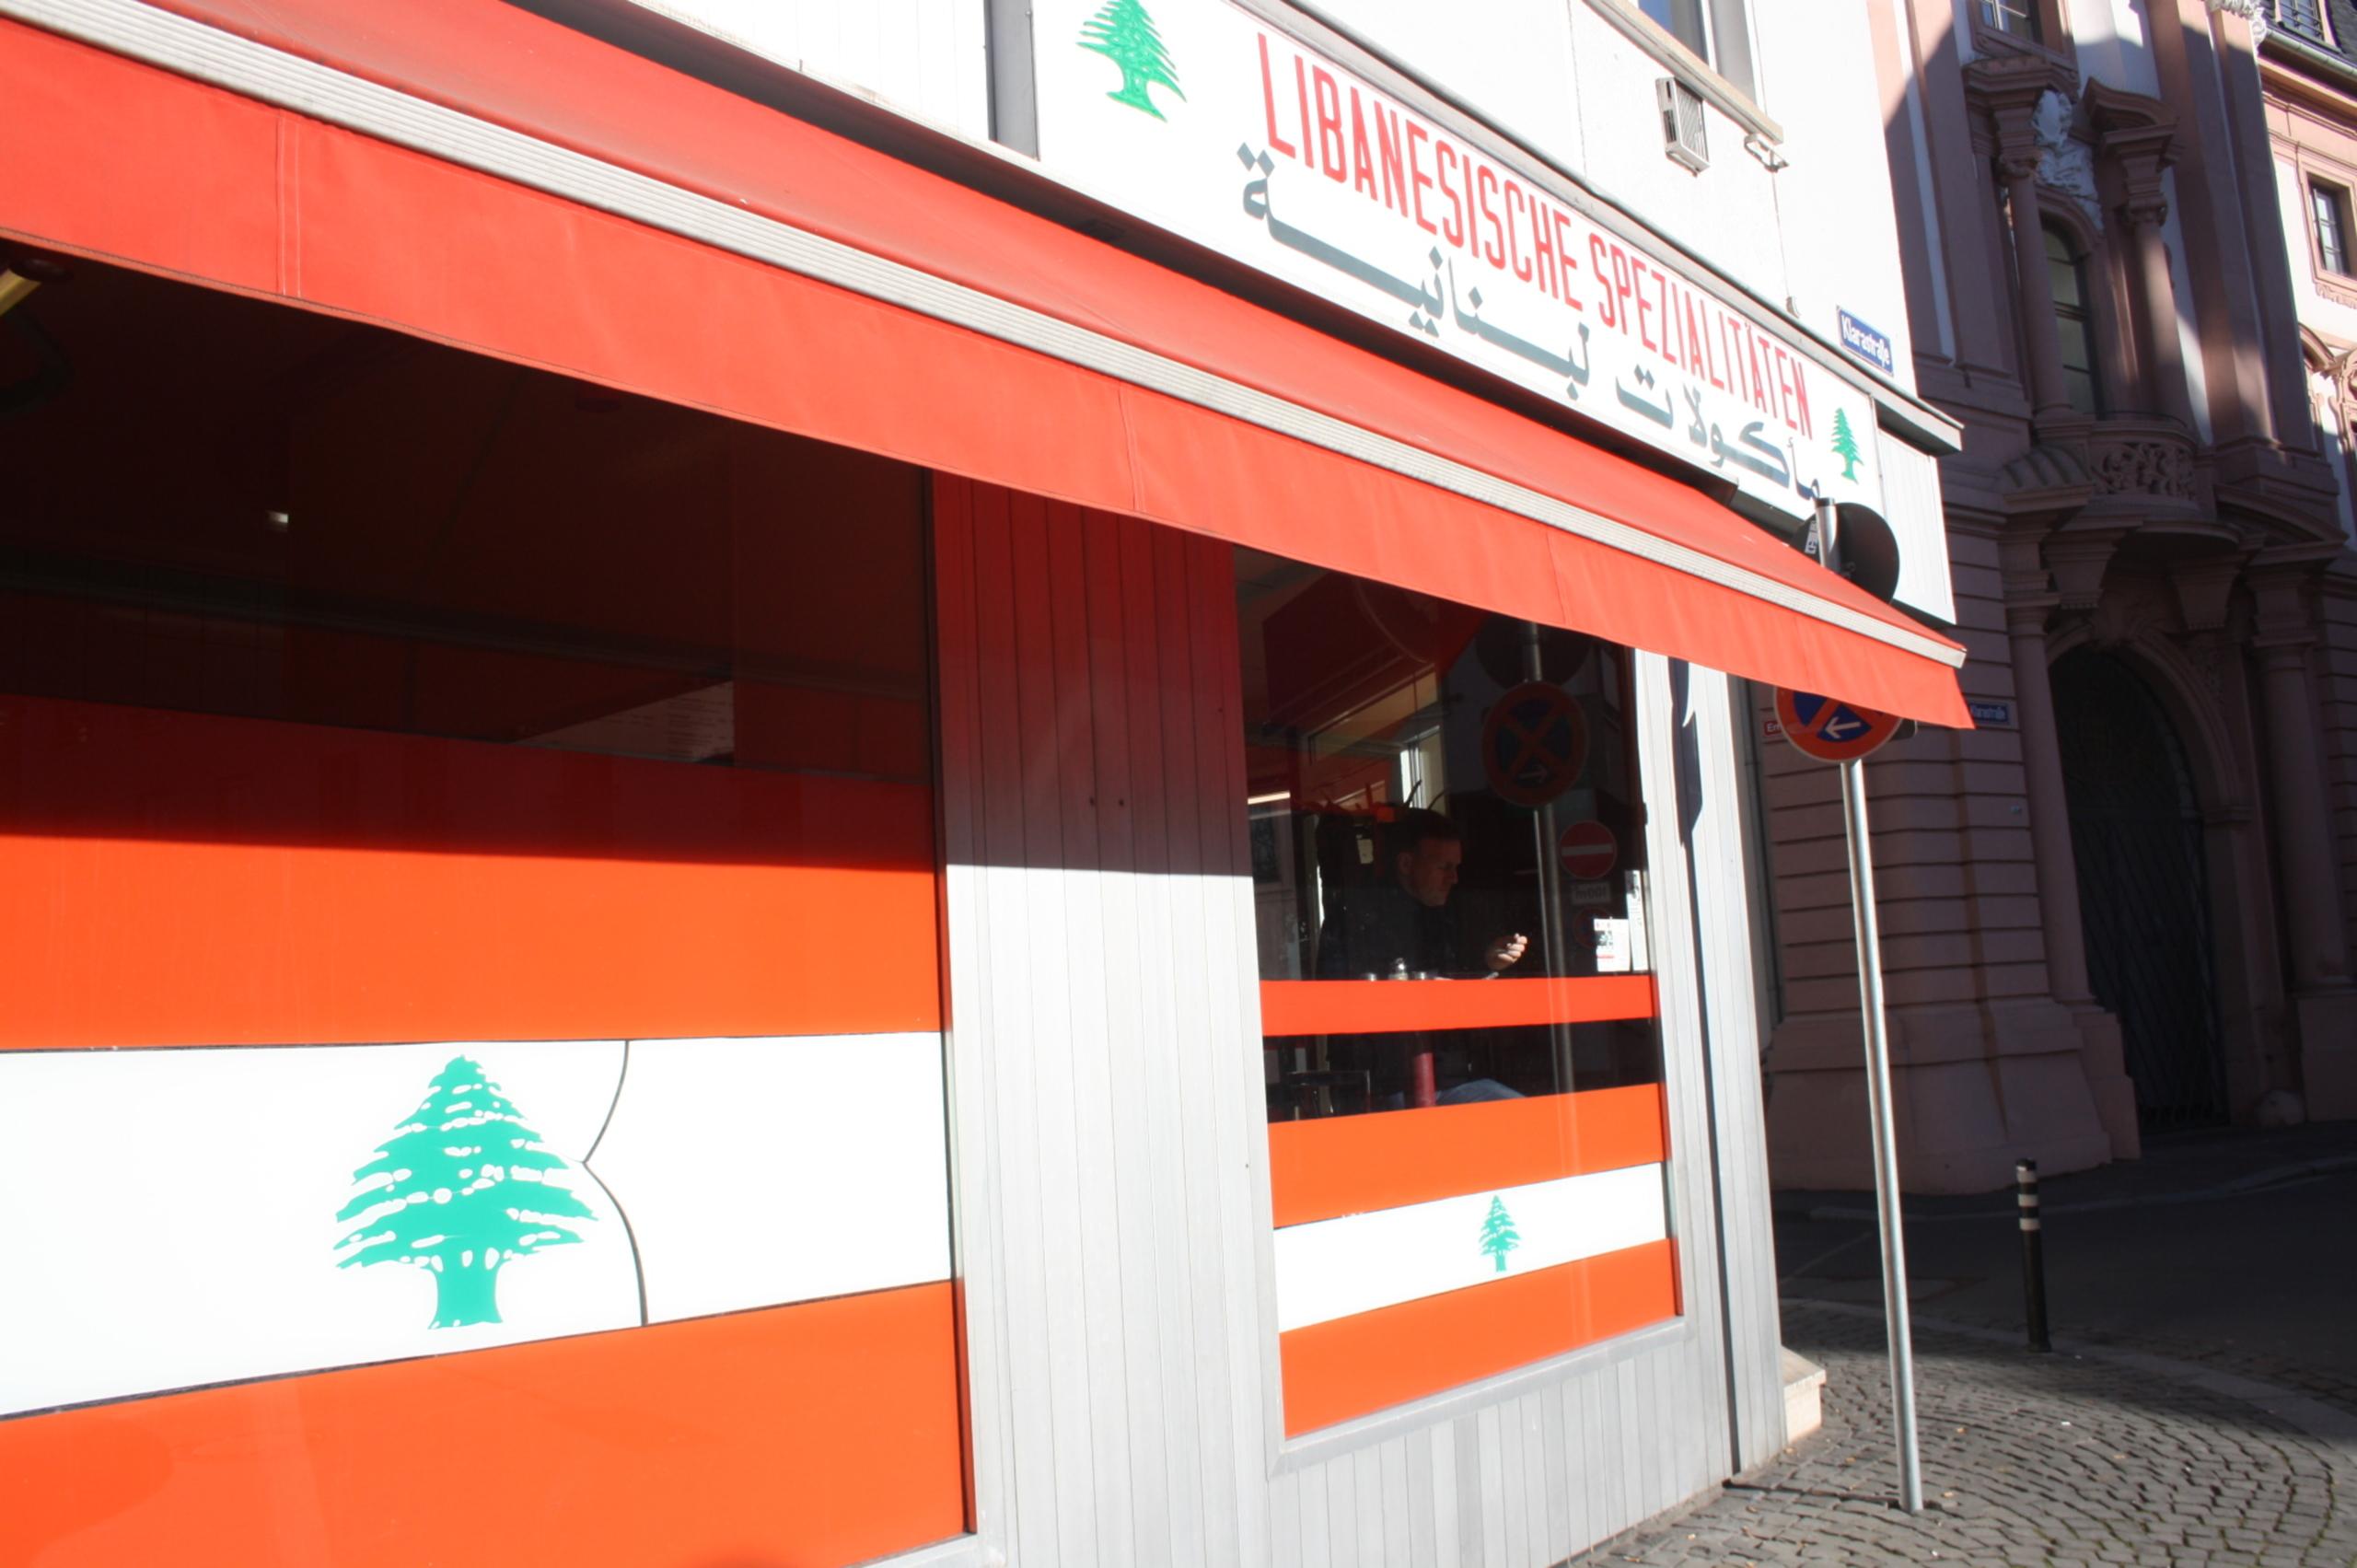 Le cèdre du Liban Öffnungszeiten, Emmeransstraße in Mainz | Offen.net